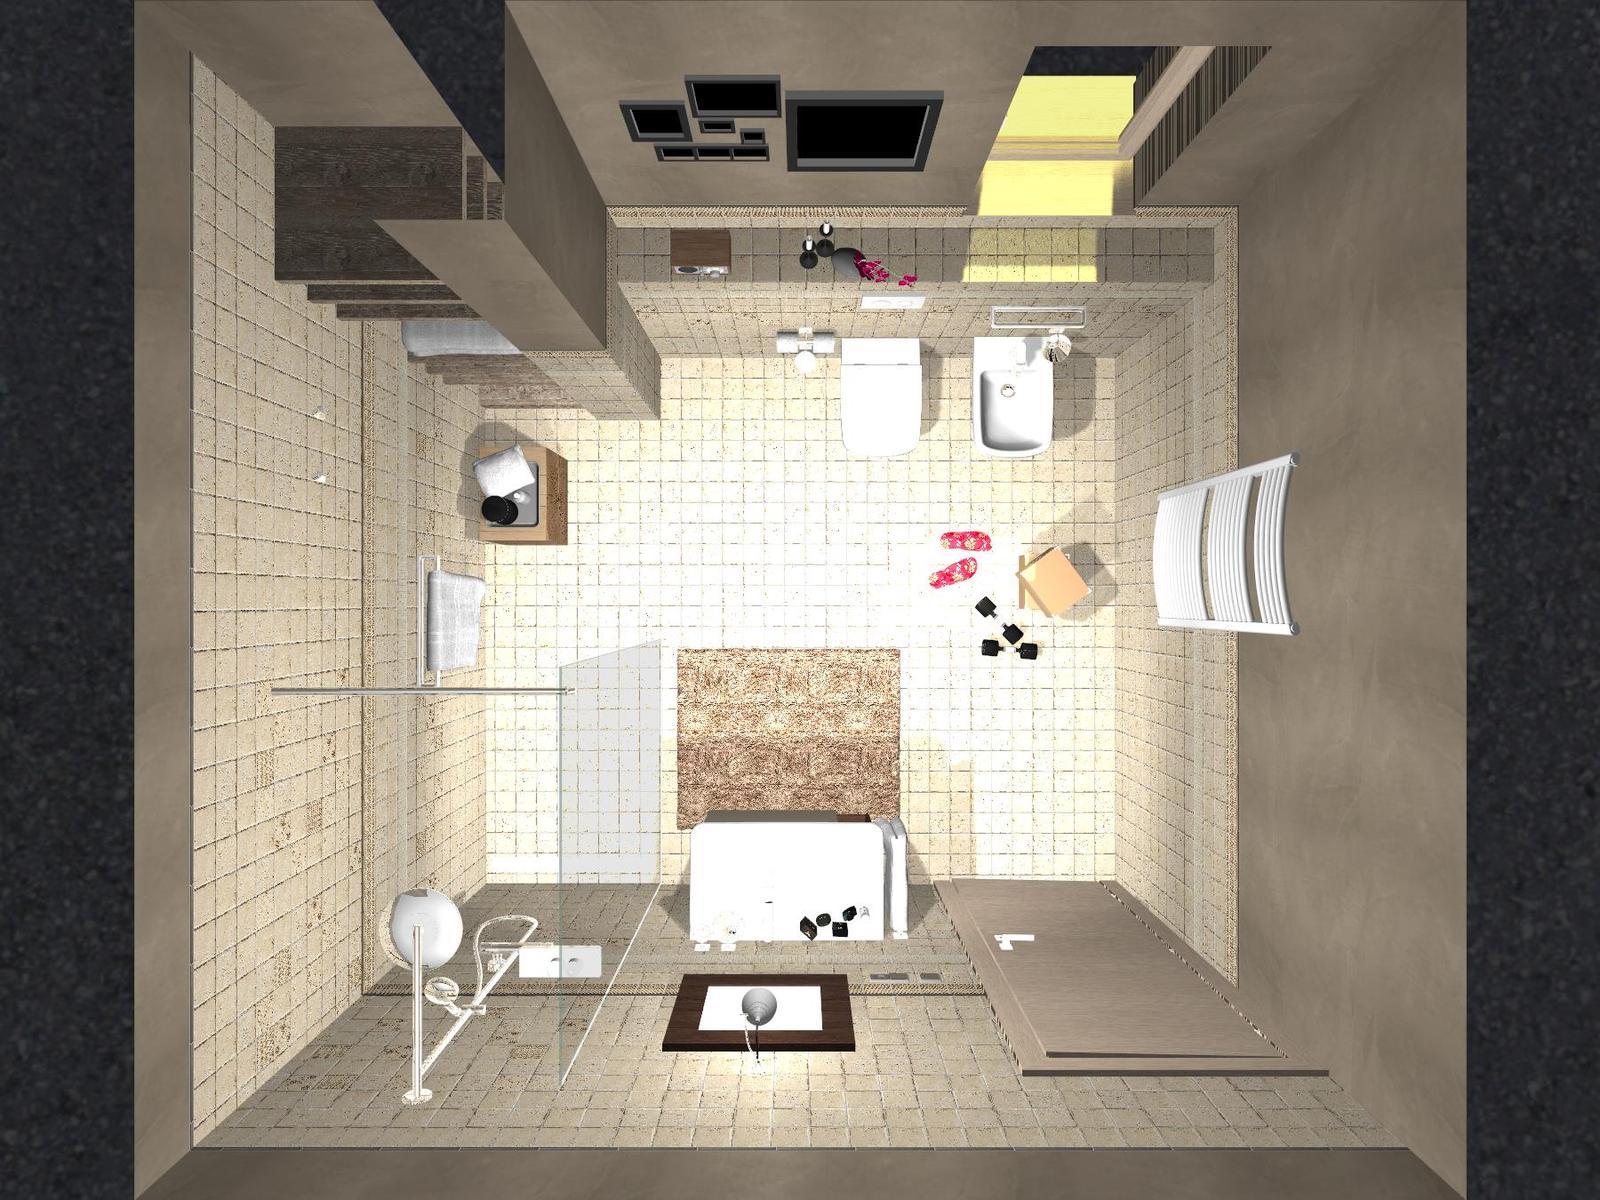 Návrhy a vizualizácie kúpeľní - ITALIAN COUNTRY - kolekcia obkladov 10x10 cm  - návrh a vizualizácia kúpeľne - www.beneva.sk